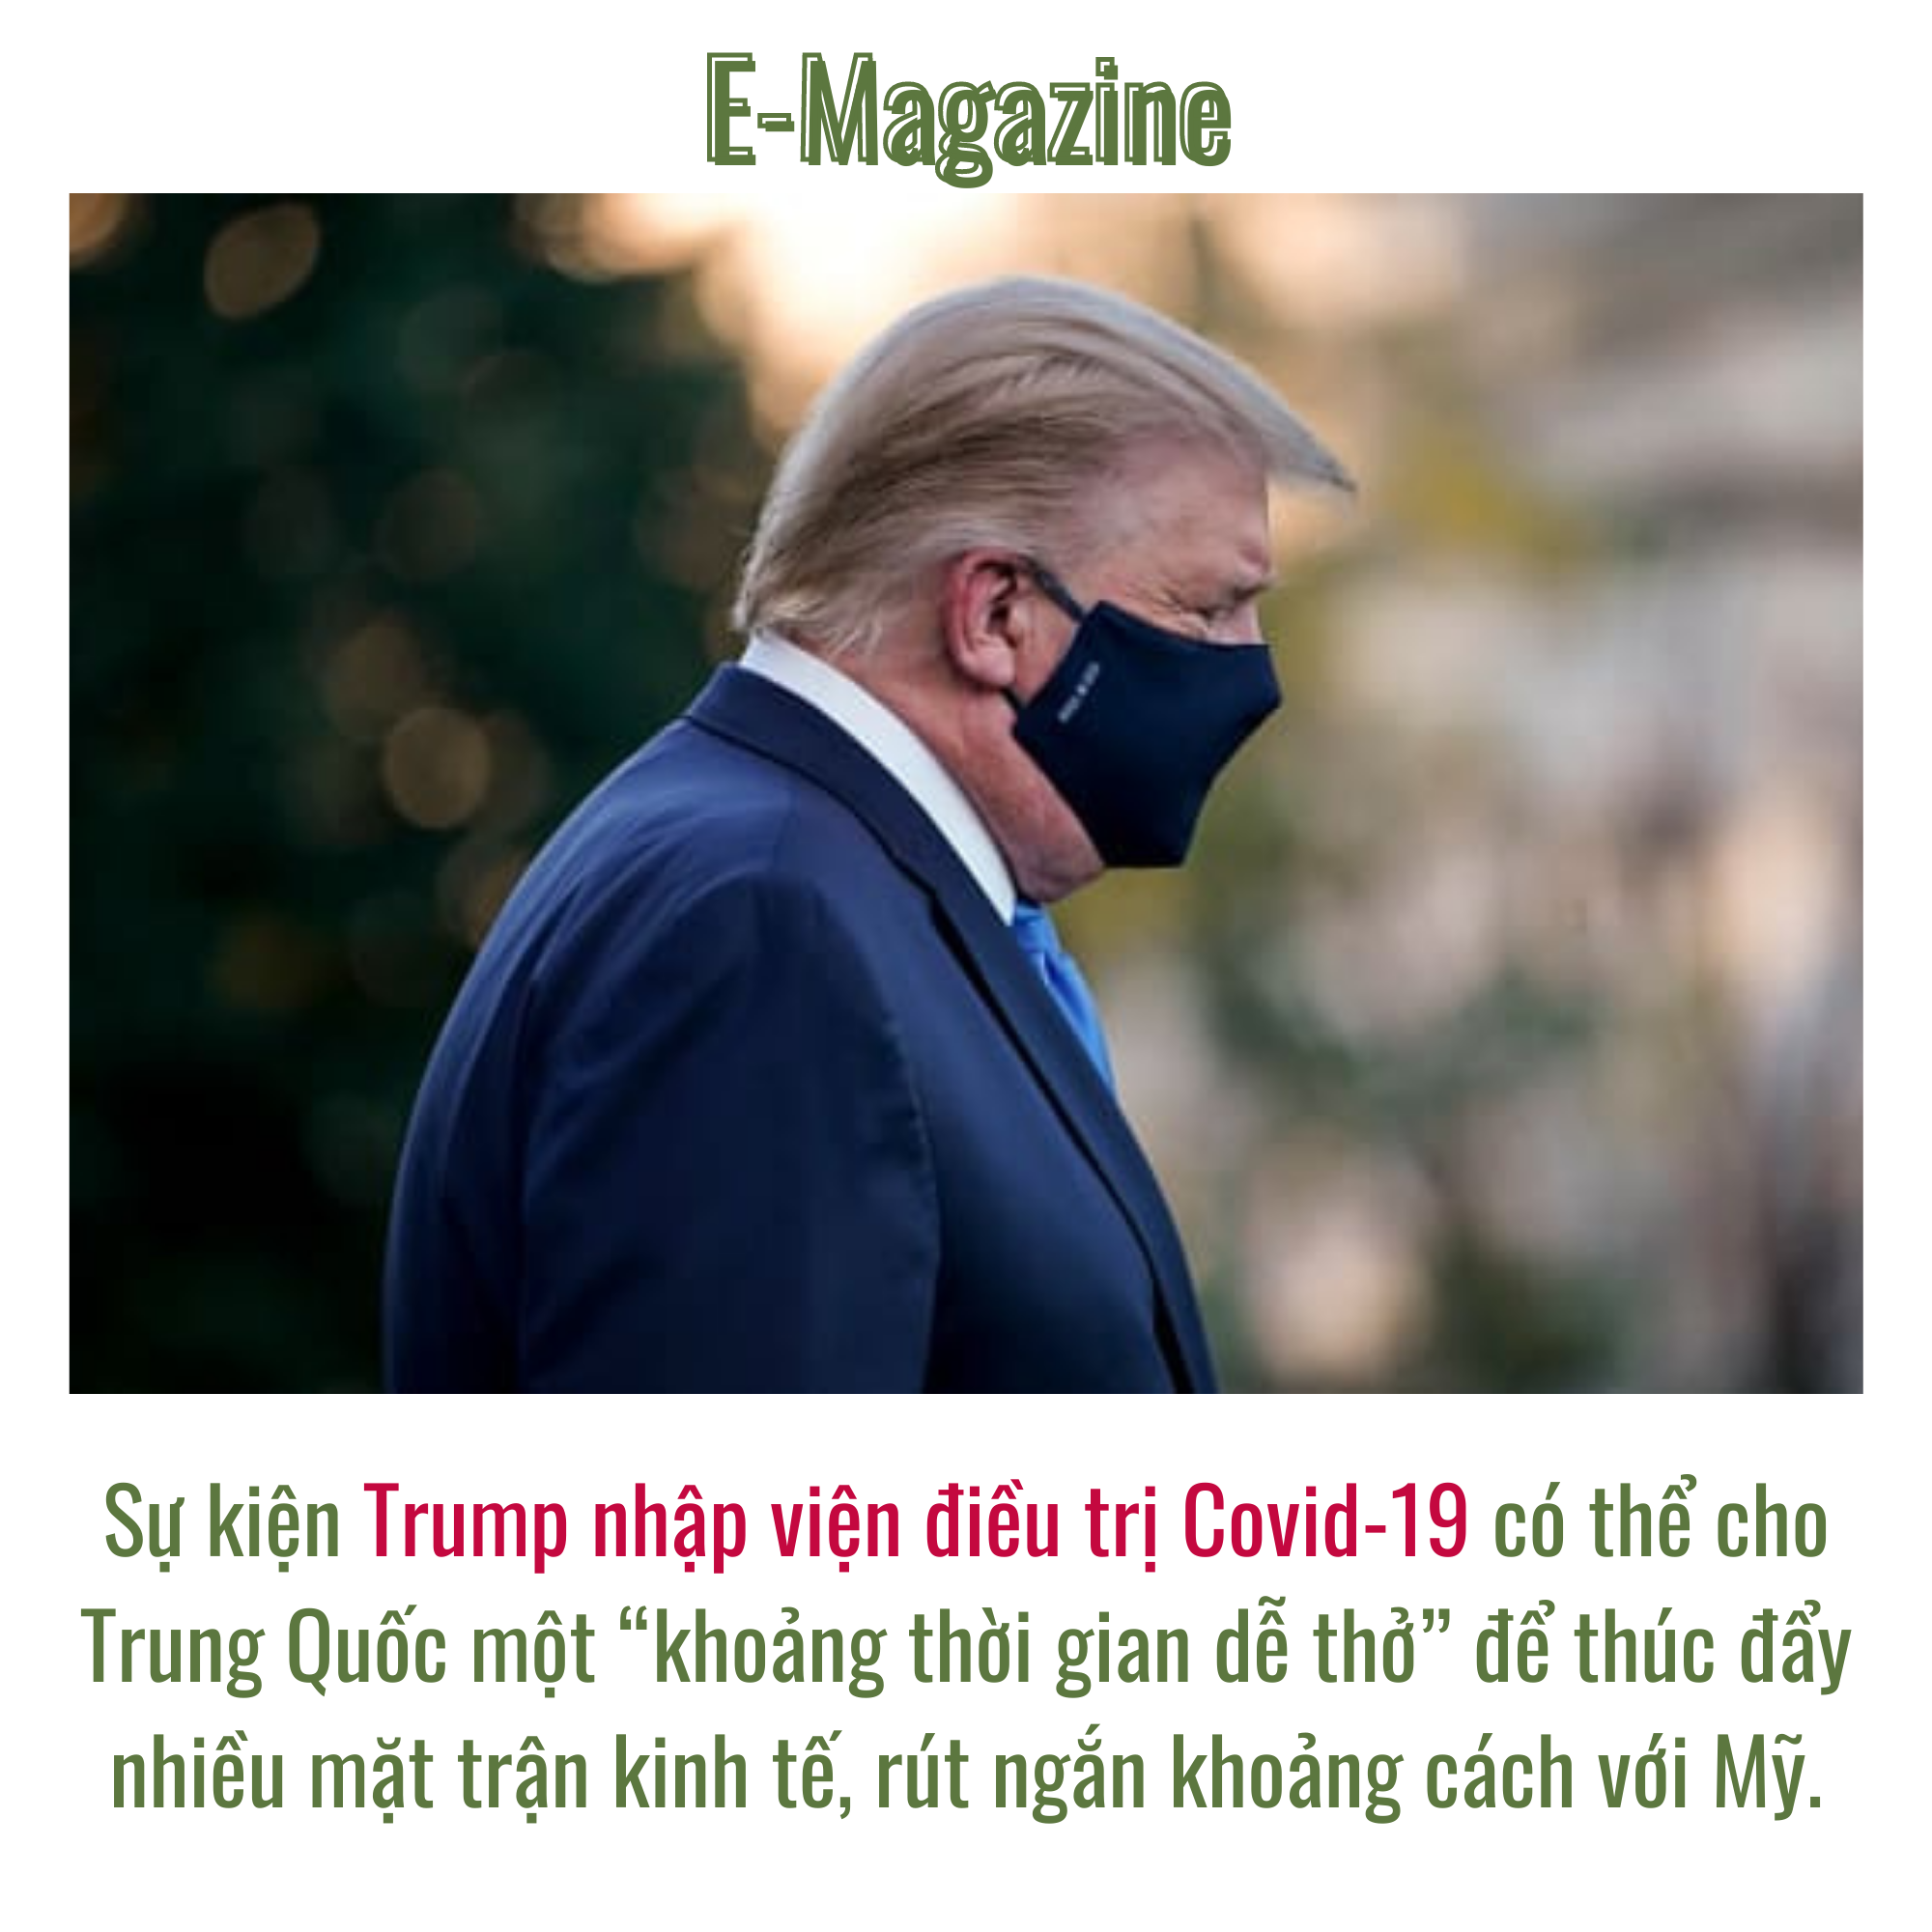 TT Trump nhiễm Covid-19: cử tri quay lưng, Trung Quốc ăn mừng và nỗi buồn của kinh tế Mỹ - Ảnh 6.